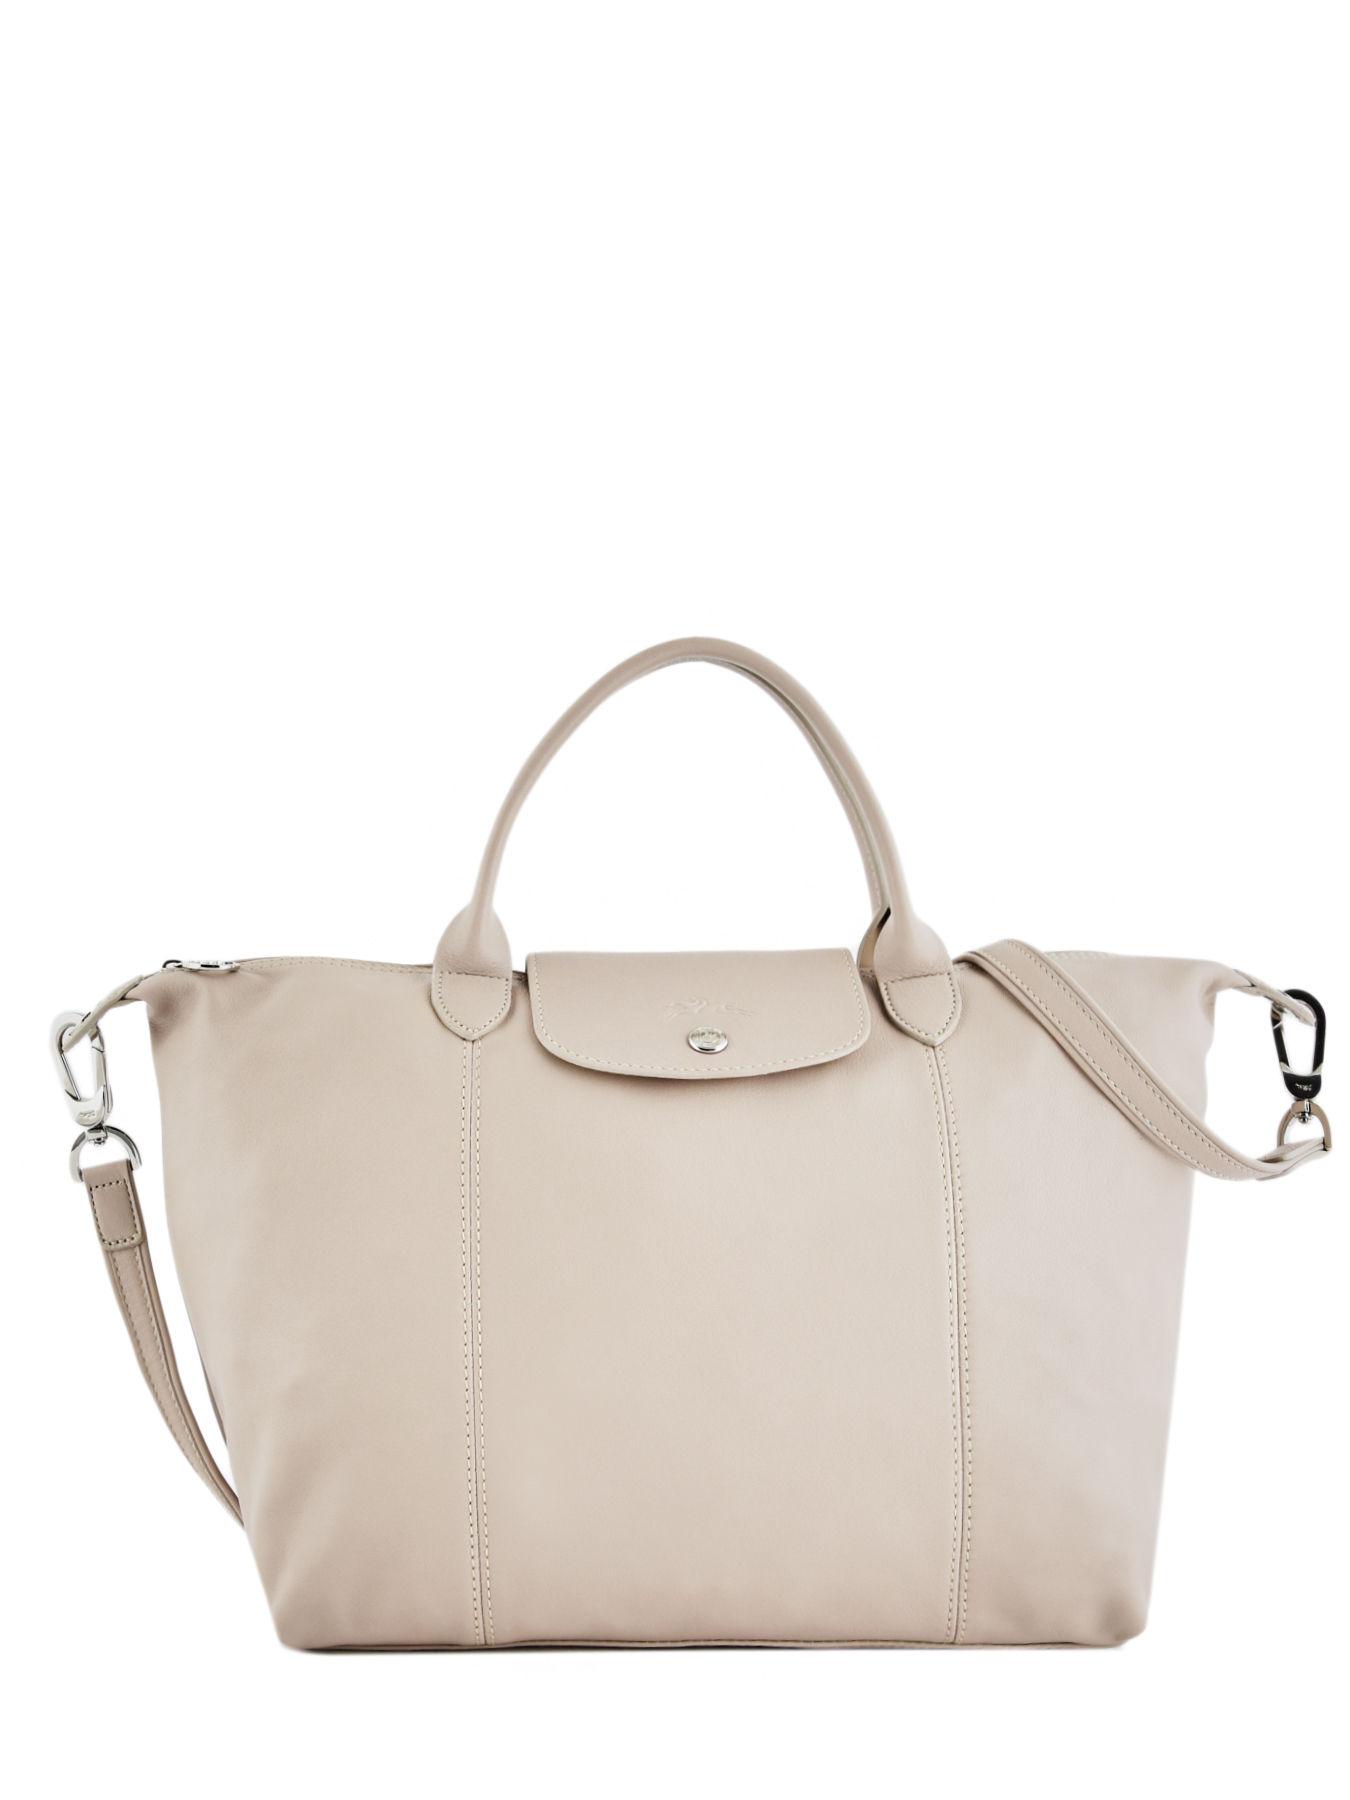 ef8aec85120f Longchamp Handbag Beige · Longchamp Handbag Beige ...